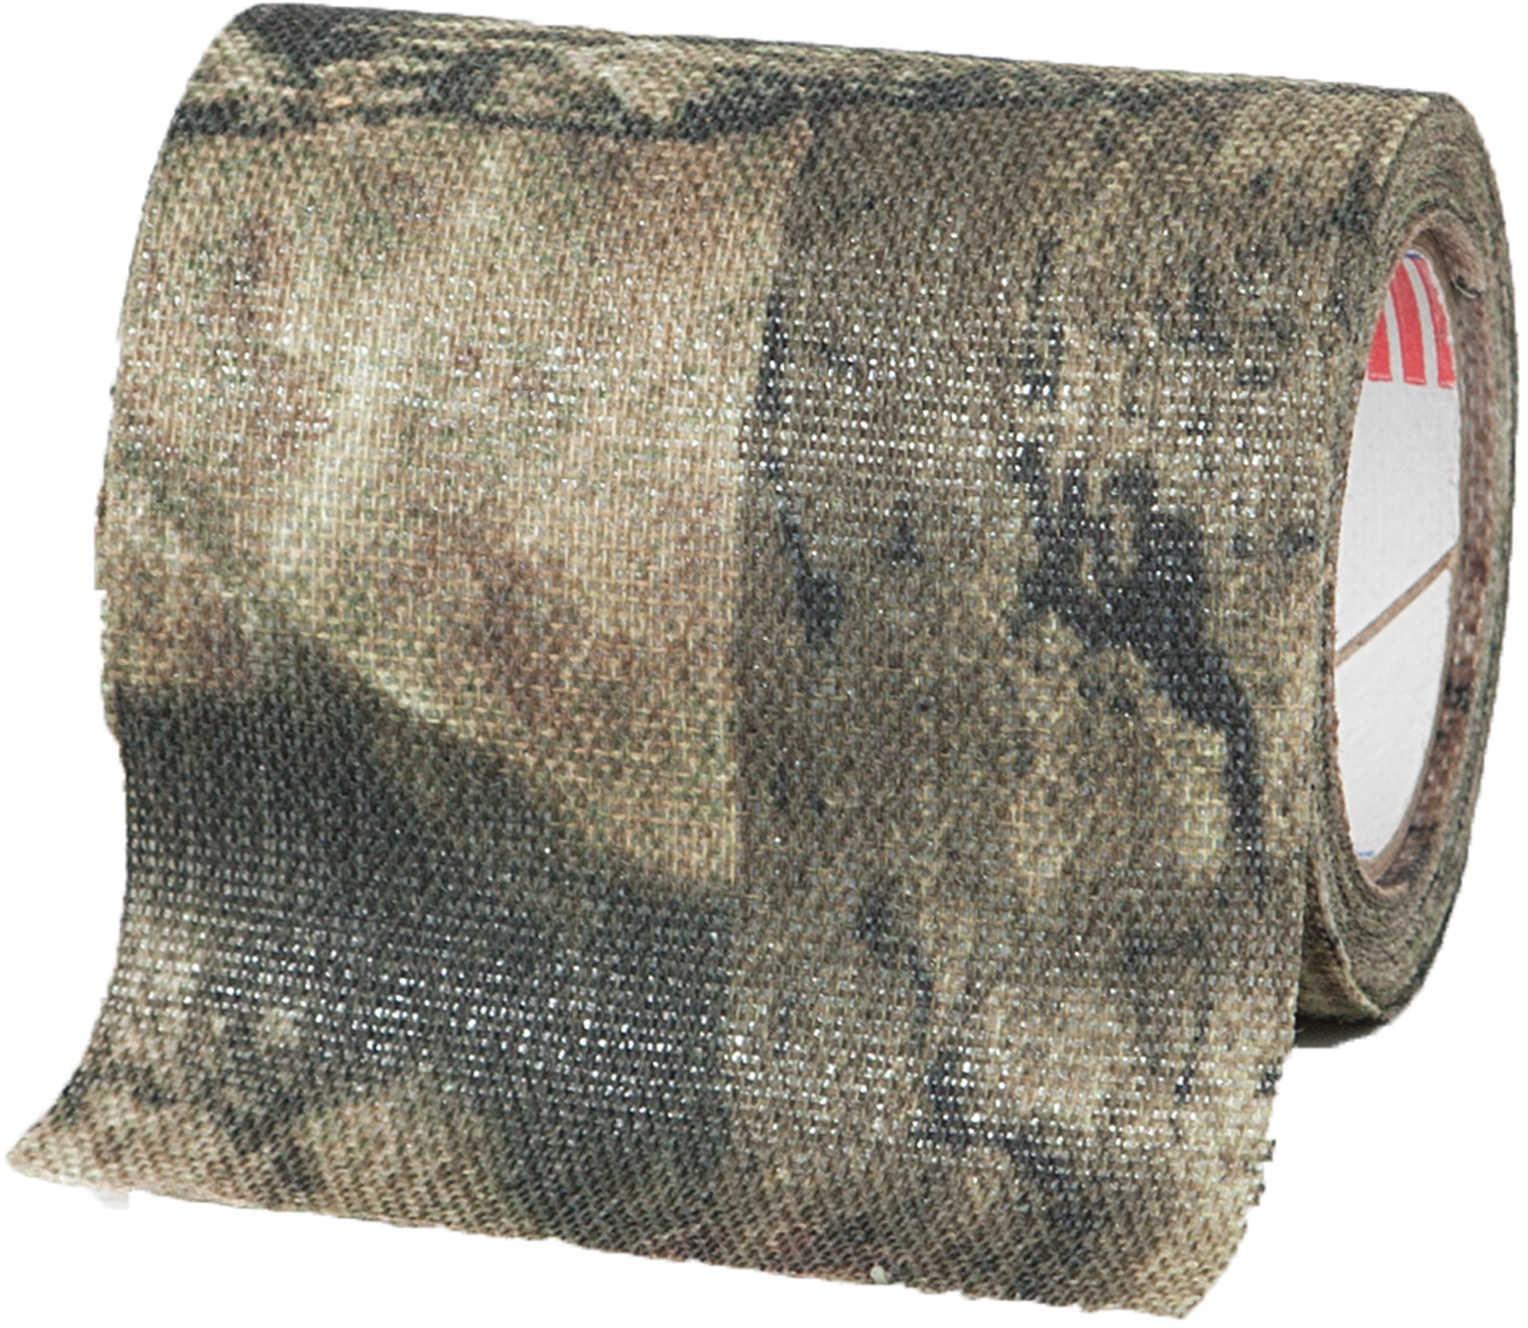 Allen Cloth Tape Mossy Oak BreakUp Model: 23